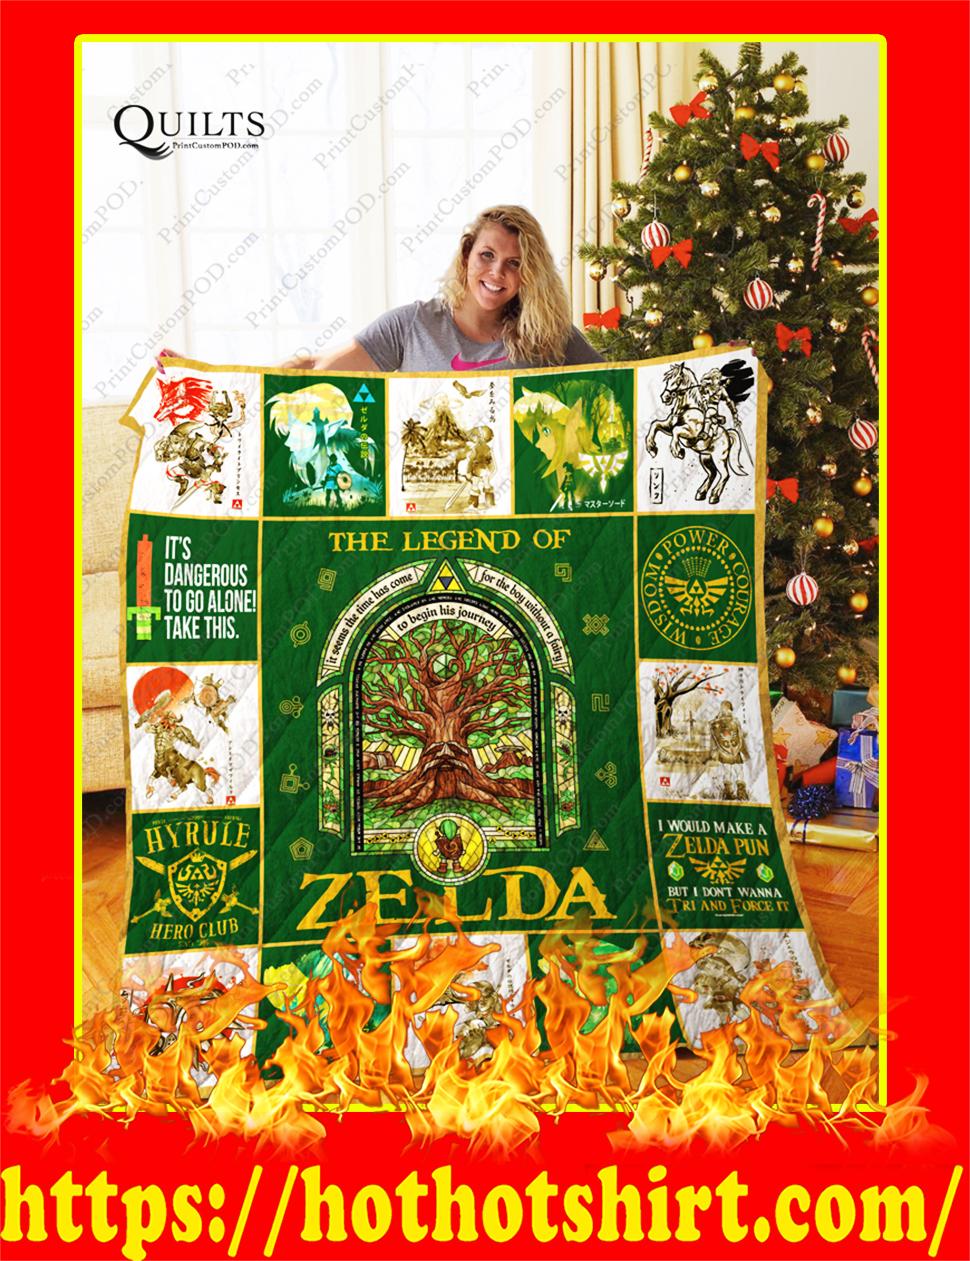 The Legend of Zelda Quilt-Twin